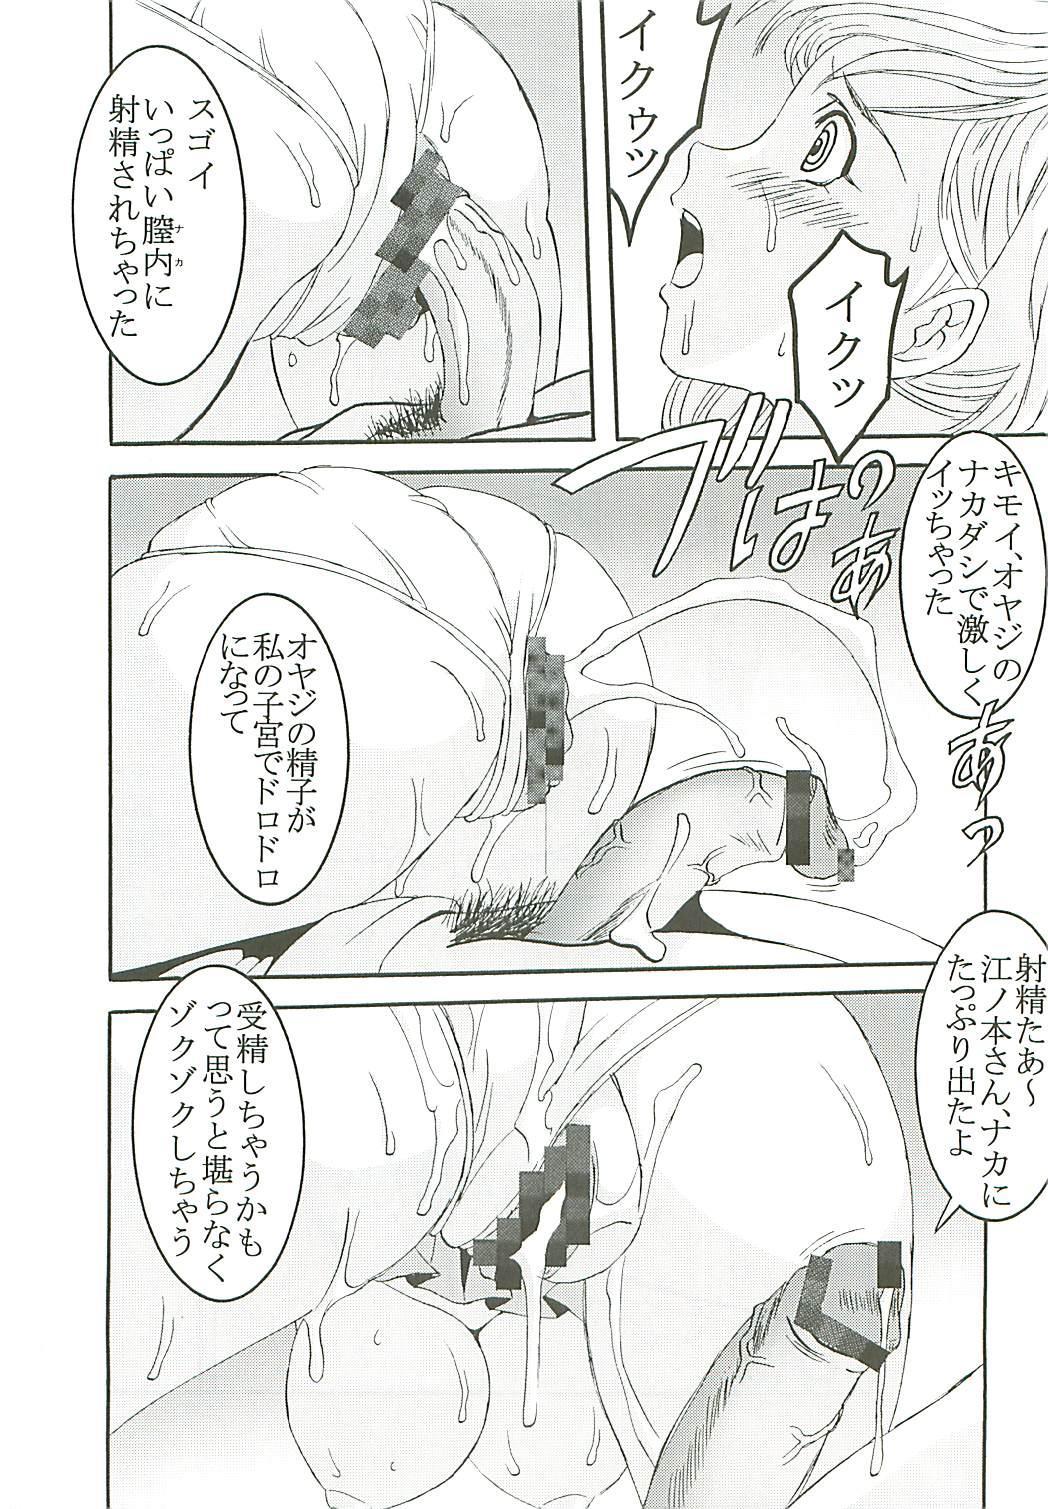 Chitsui Gentei Nakadashi Limited vol.4 45